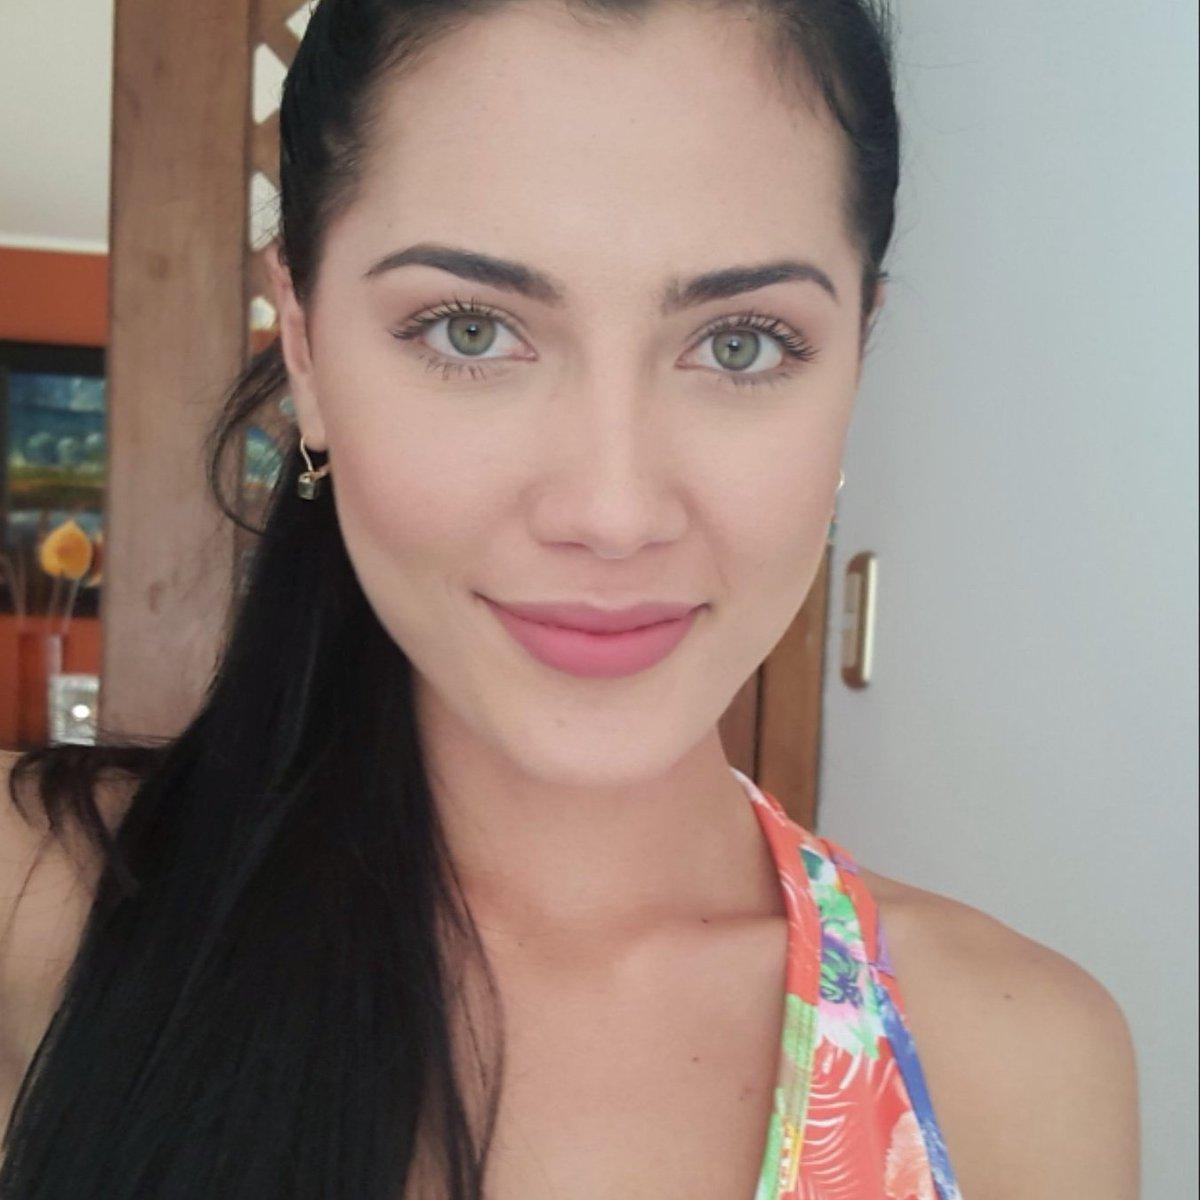 DEBATE sobre belleza, guapura y hermosura (fotos de chicas latinas, mestizas, y de todo) - VOL II - Página 6 CgK1smkXIAAxfCM